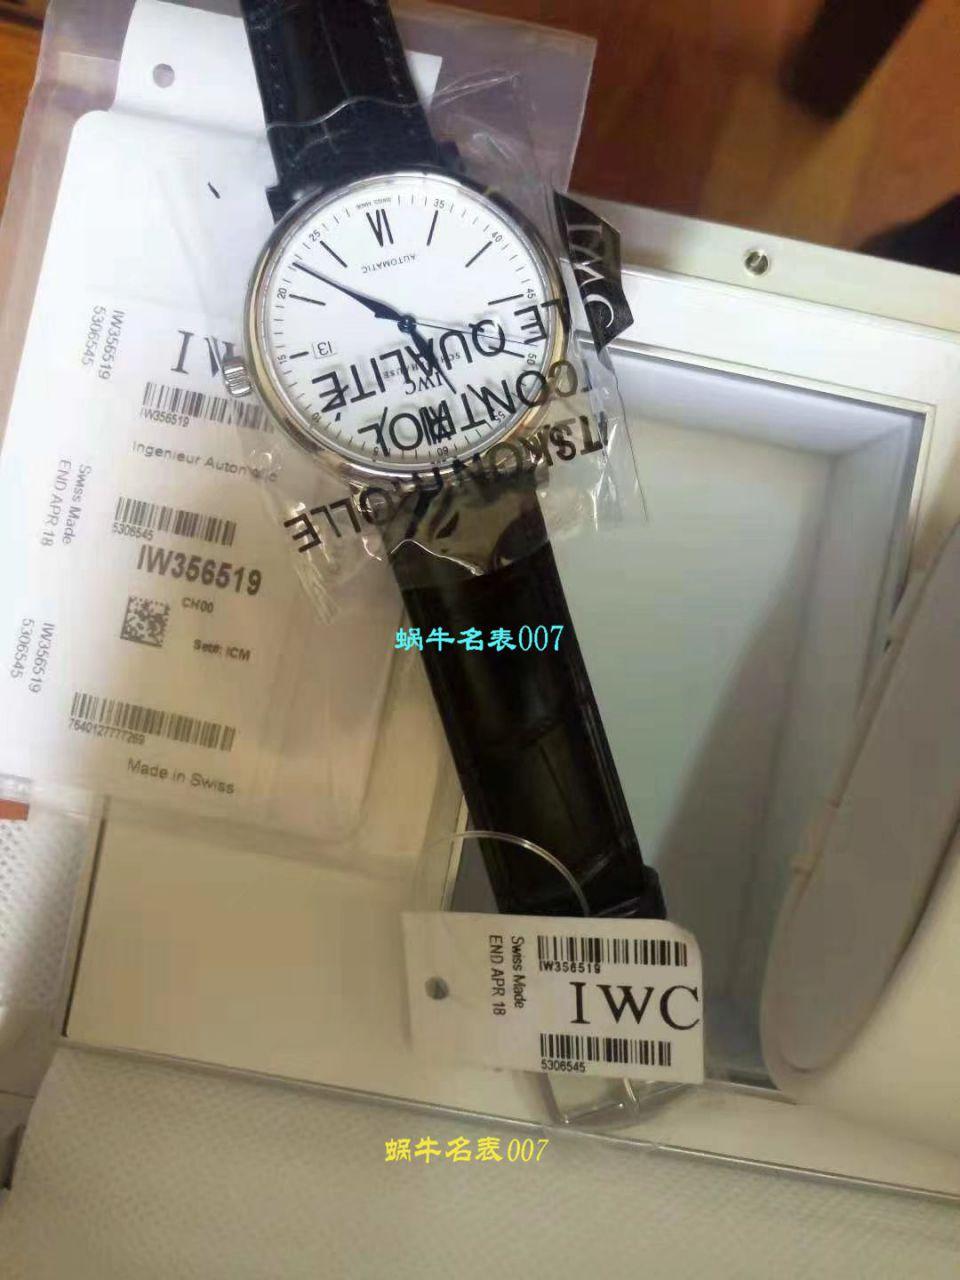 渠道出口订单!原封!缺个经销商印章就是正品!大名鼎鼎的IWC万国表柏涛菲诺系列IW356517腕表 / WG193